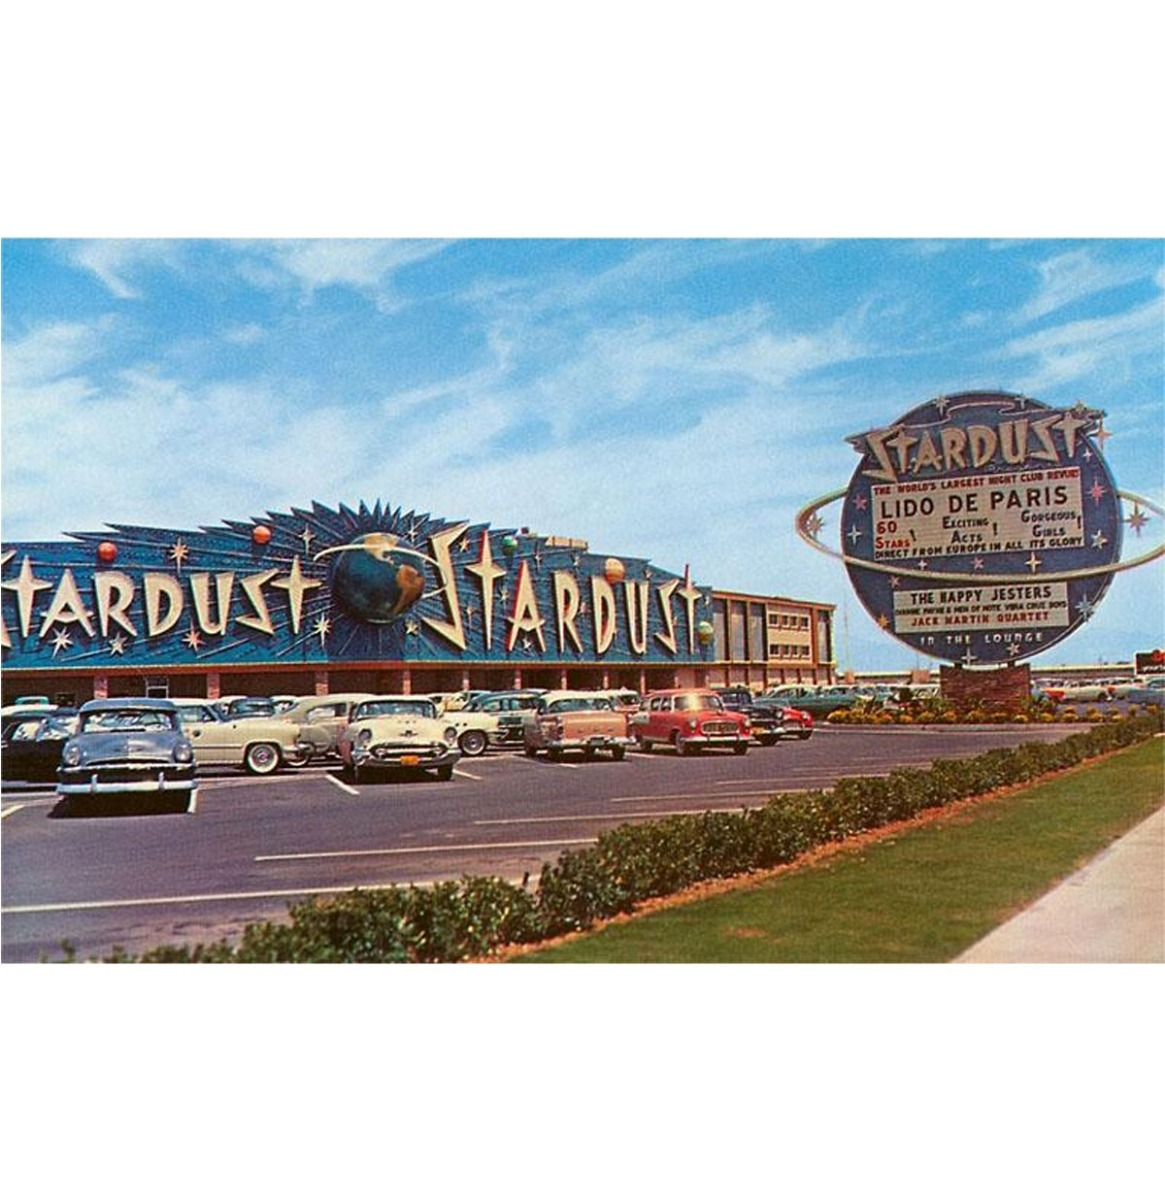 Stardust Hotel, Las Vegas, Nevada - Vintage Foto, Kunst Afdruk